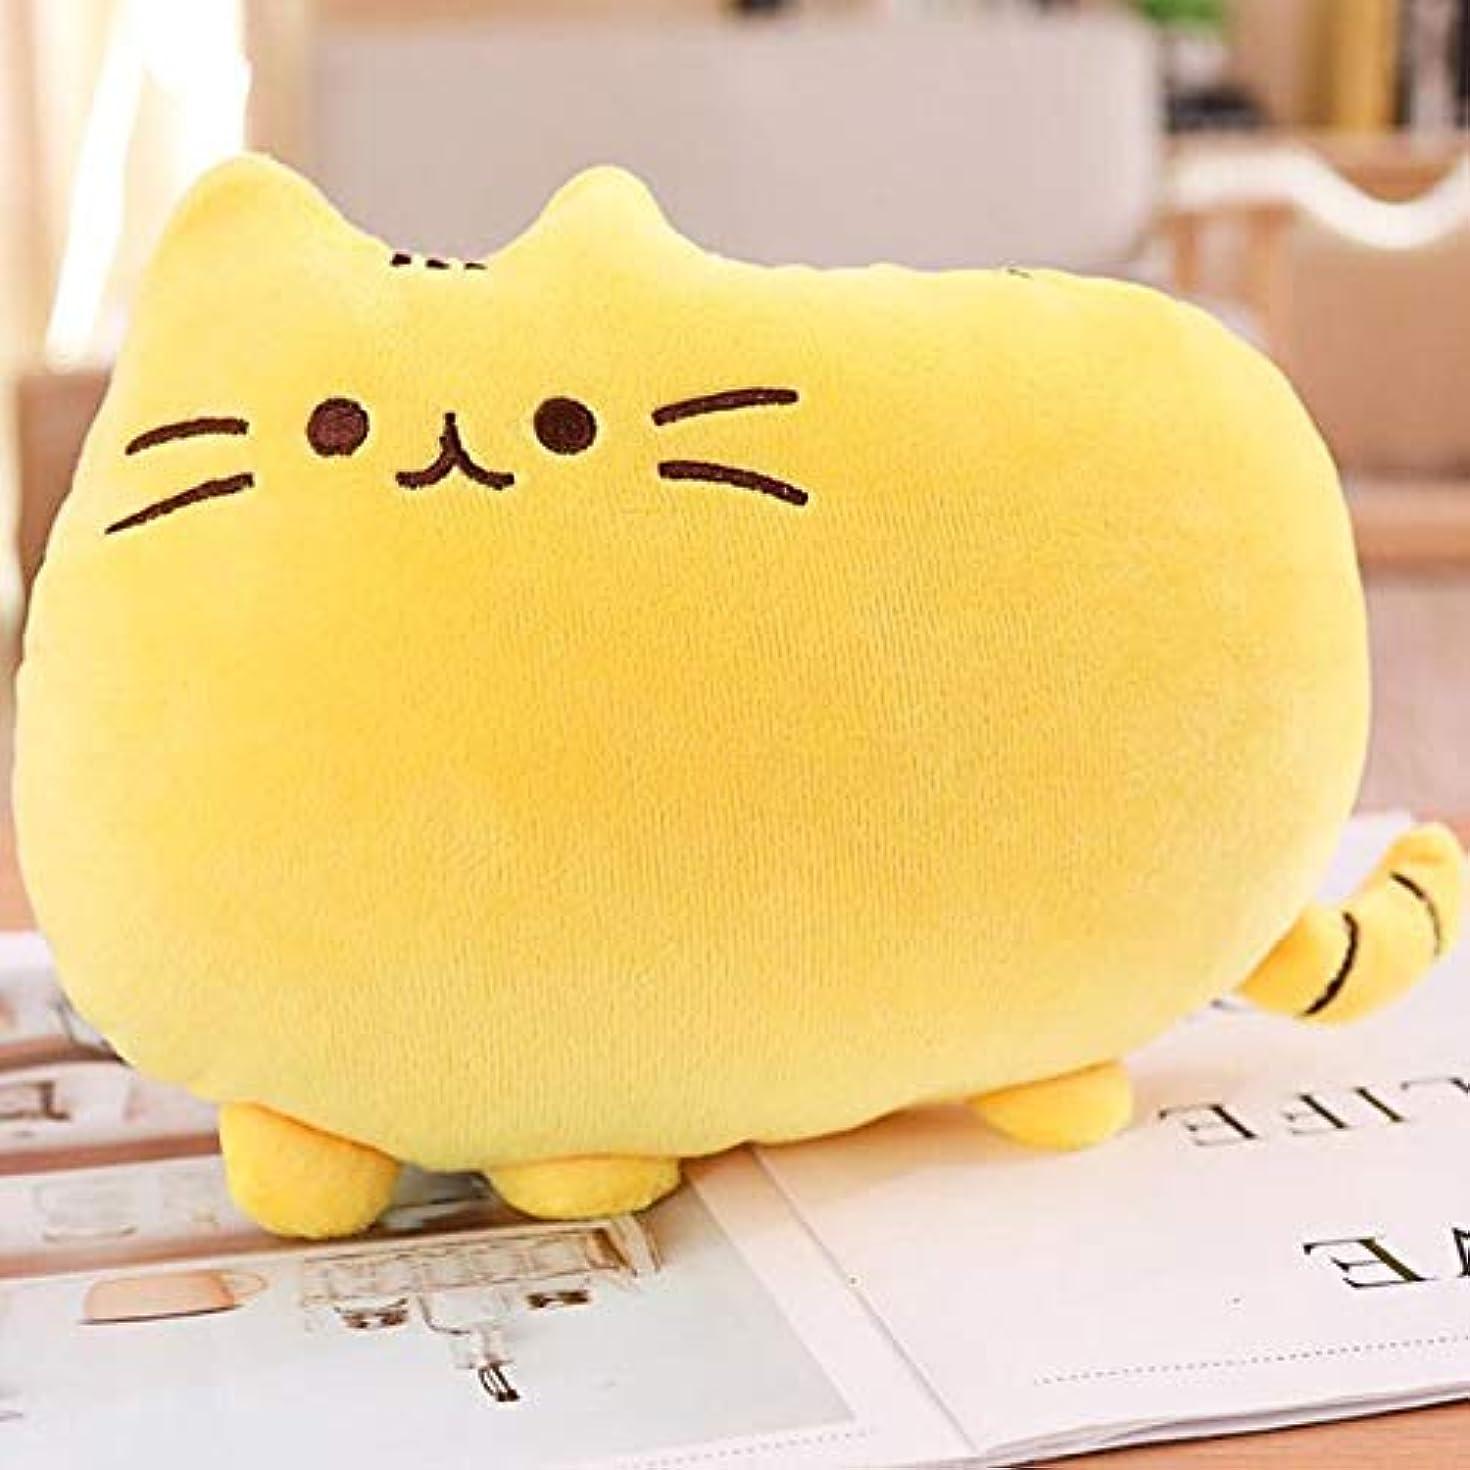 八百屋さんであること鯨LIFE8 色かわいい脂肪猫ベビーぬいぐるみ 20/40 センチメートル枕人形子供のための高品質ソフトクッション綿 Brinquedos 子供のためのギフトクッション 椅子